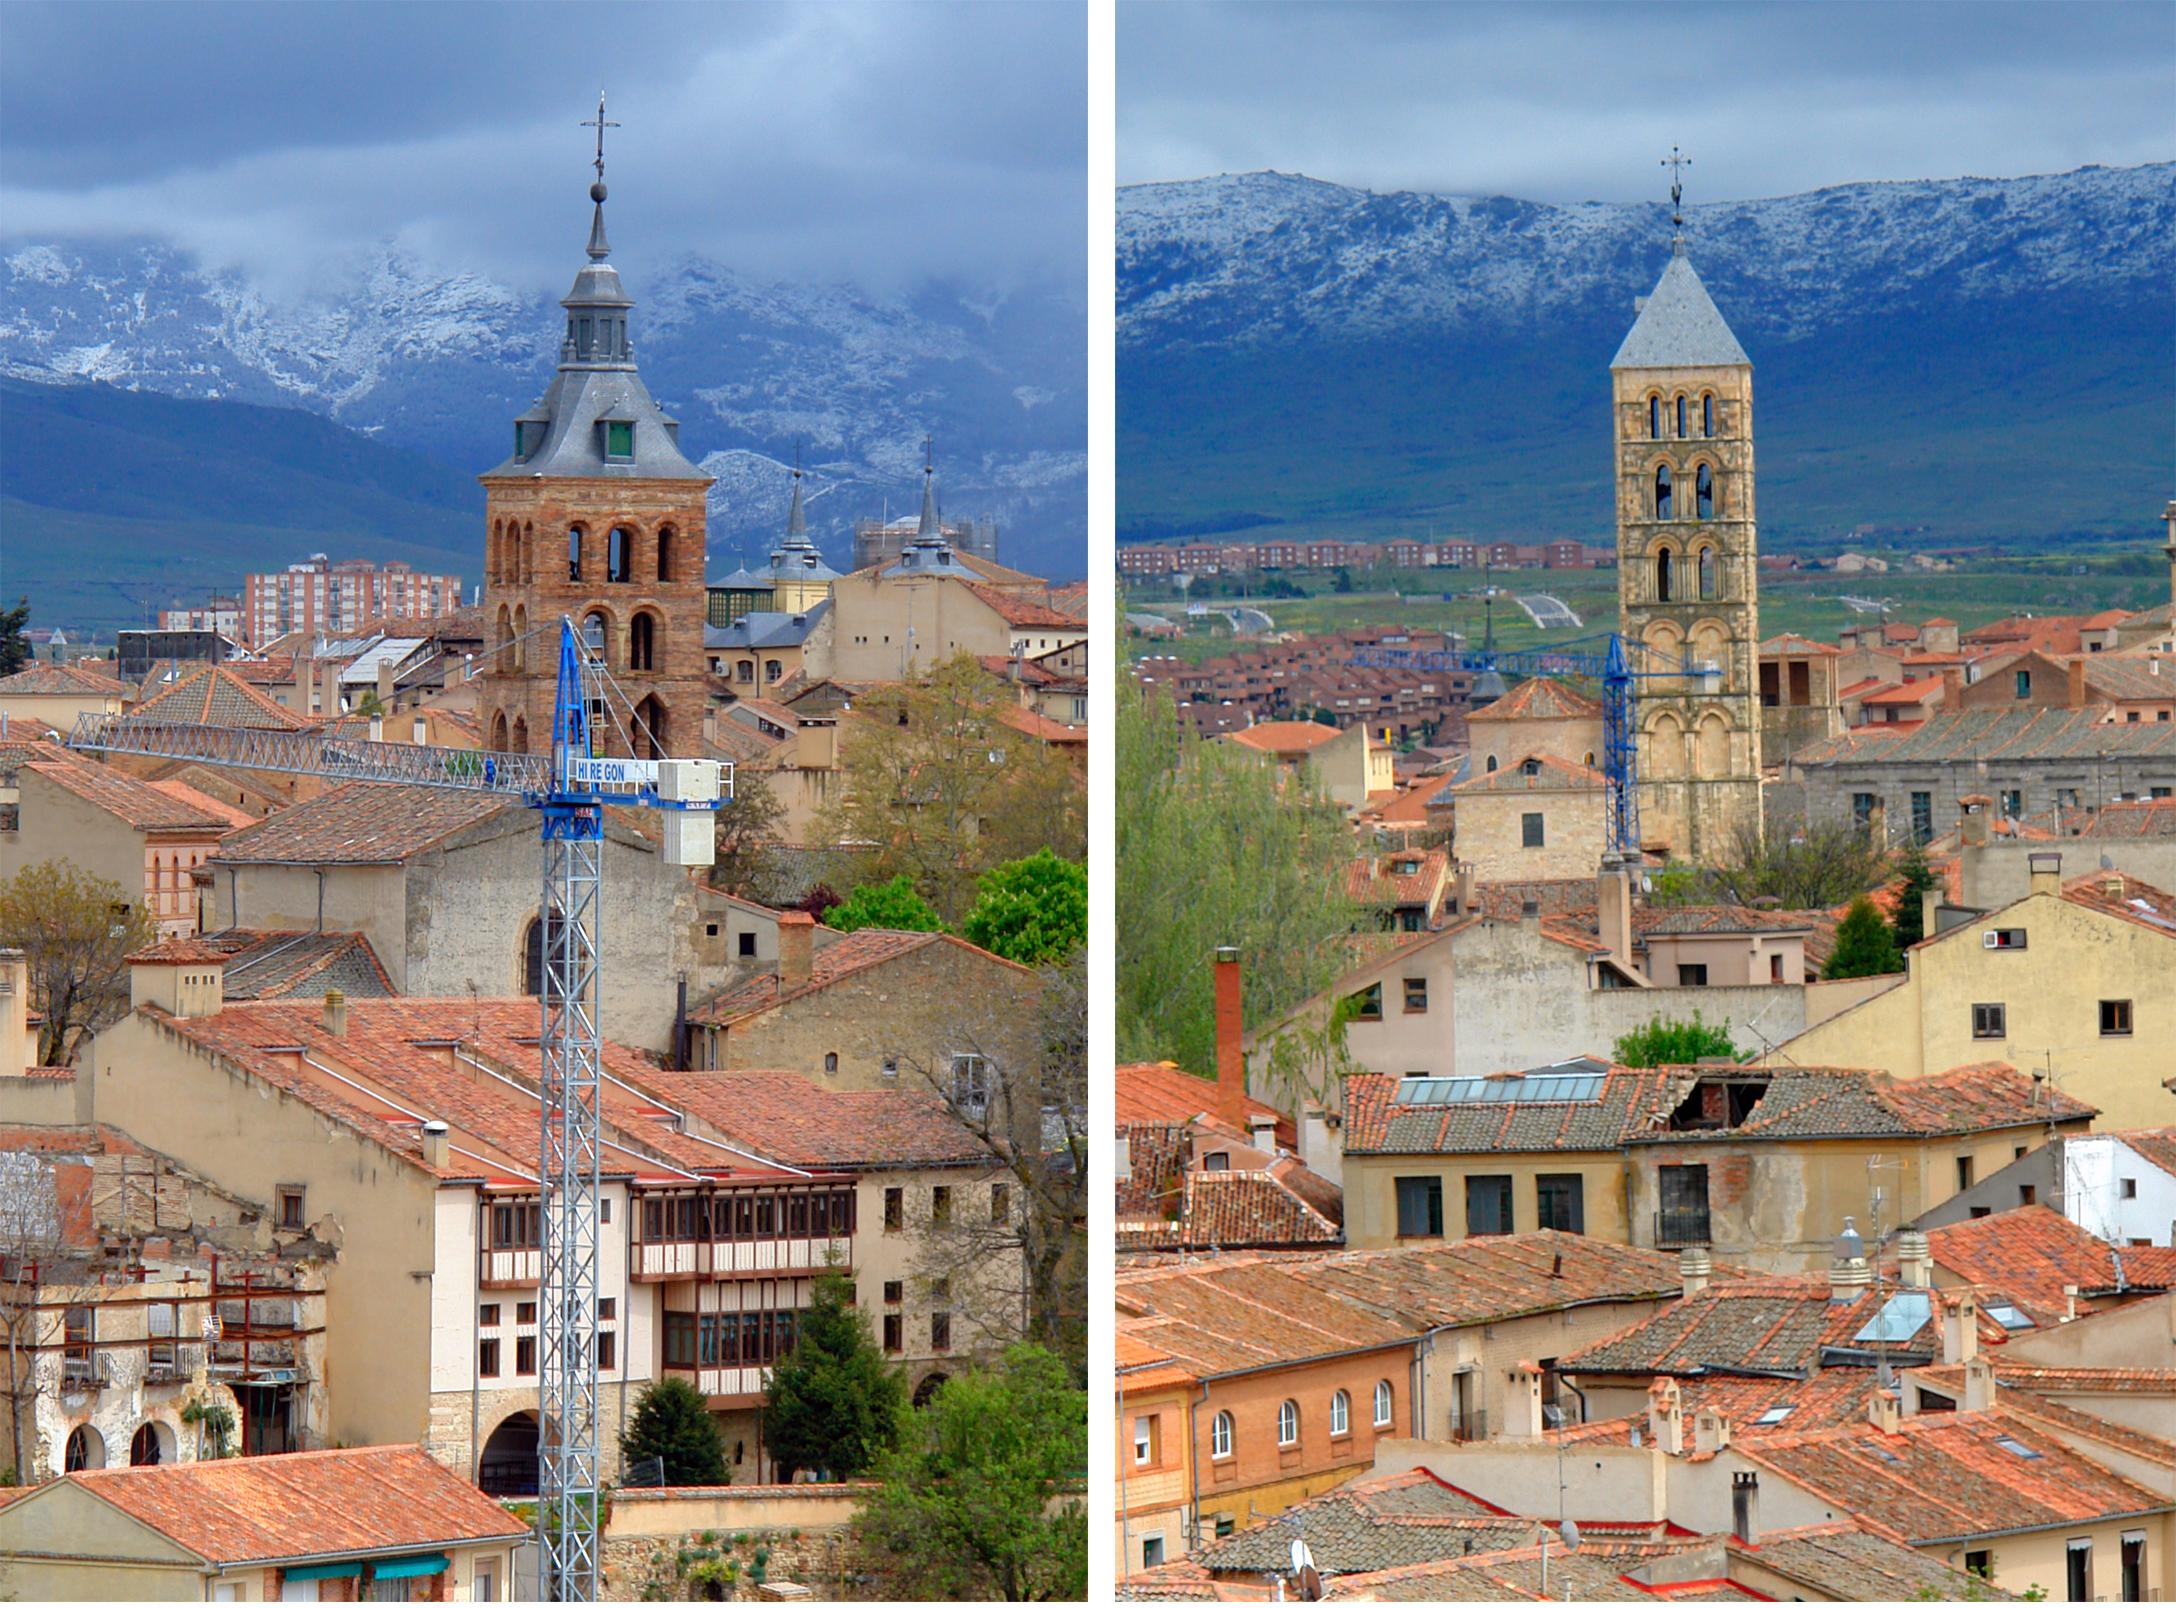 Qué ver Segovia, España qué ver en segovia - 31097733895 df0e7e3085 o - Qué ver en Segovia, España